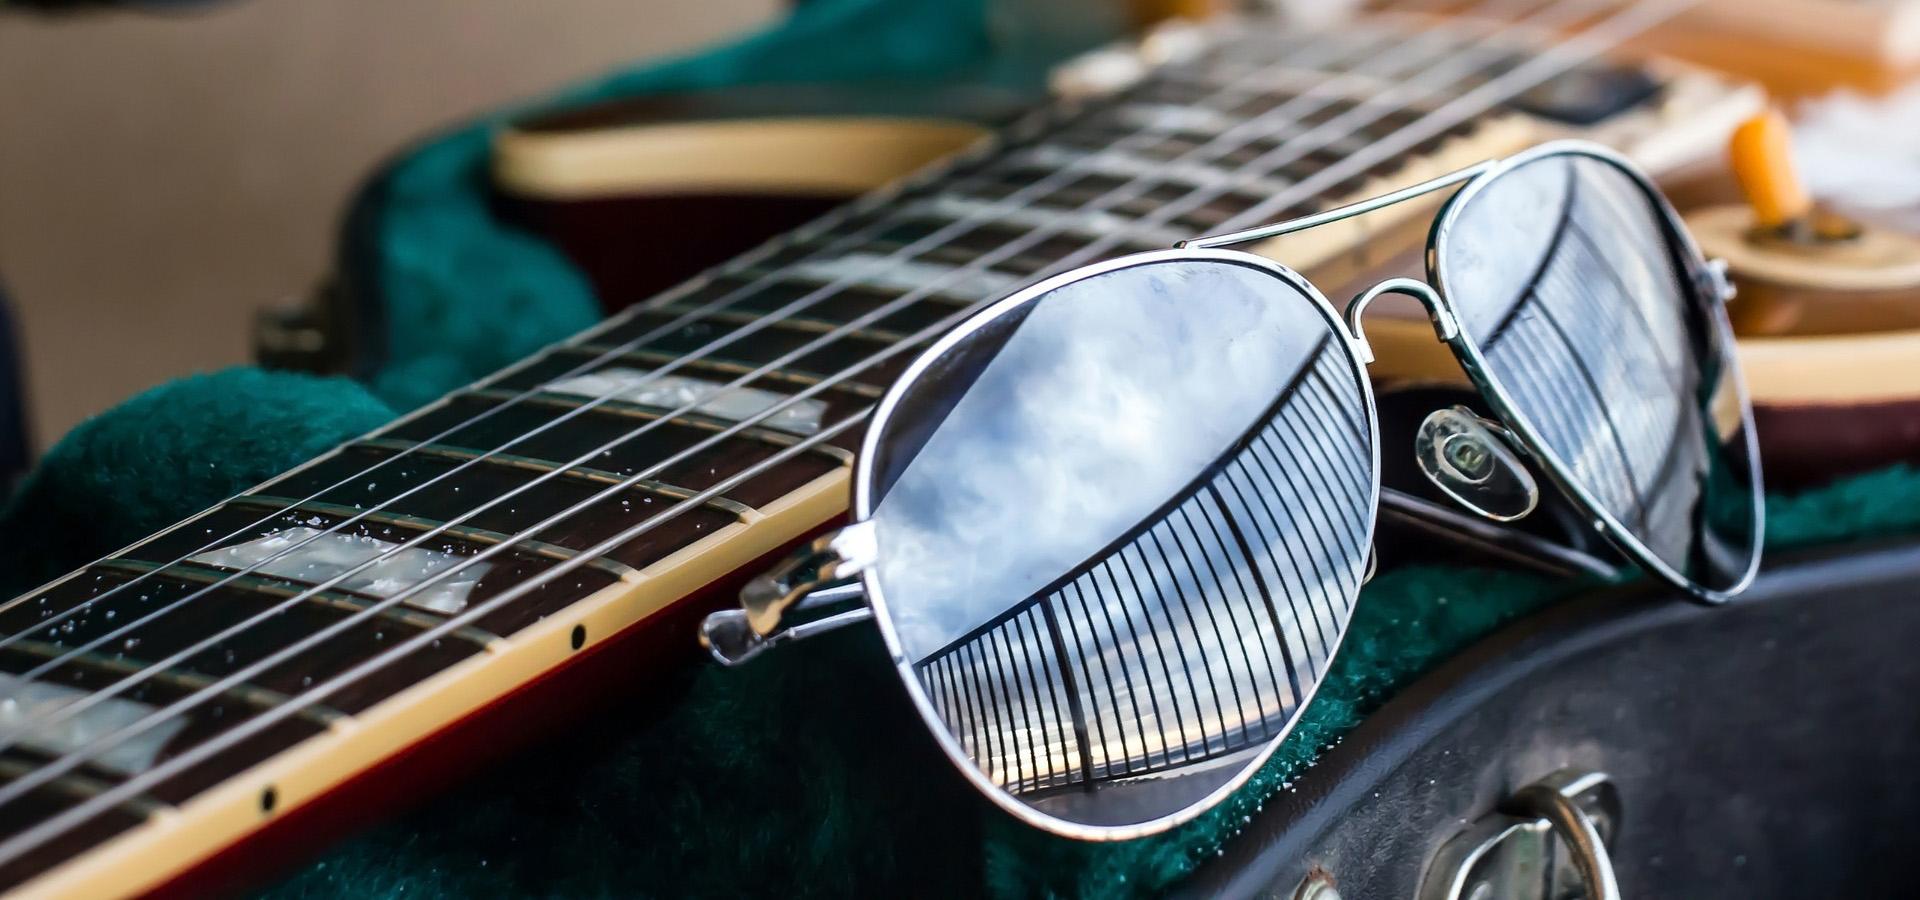 accessoires-guitare-lunette-soleil-modifie